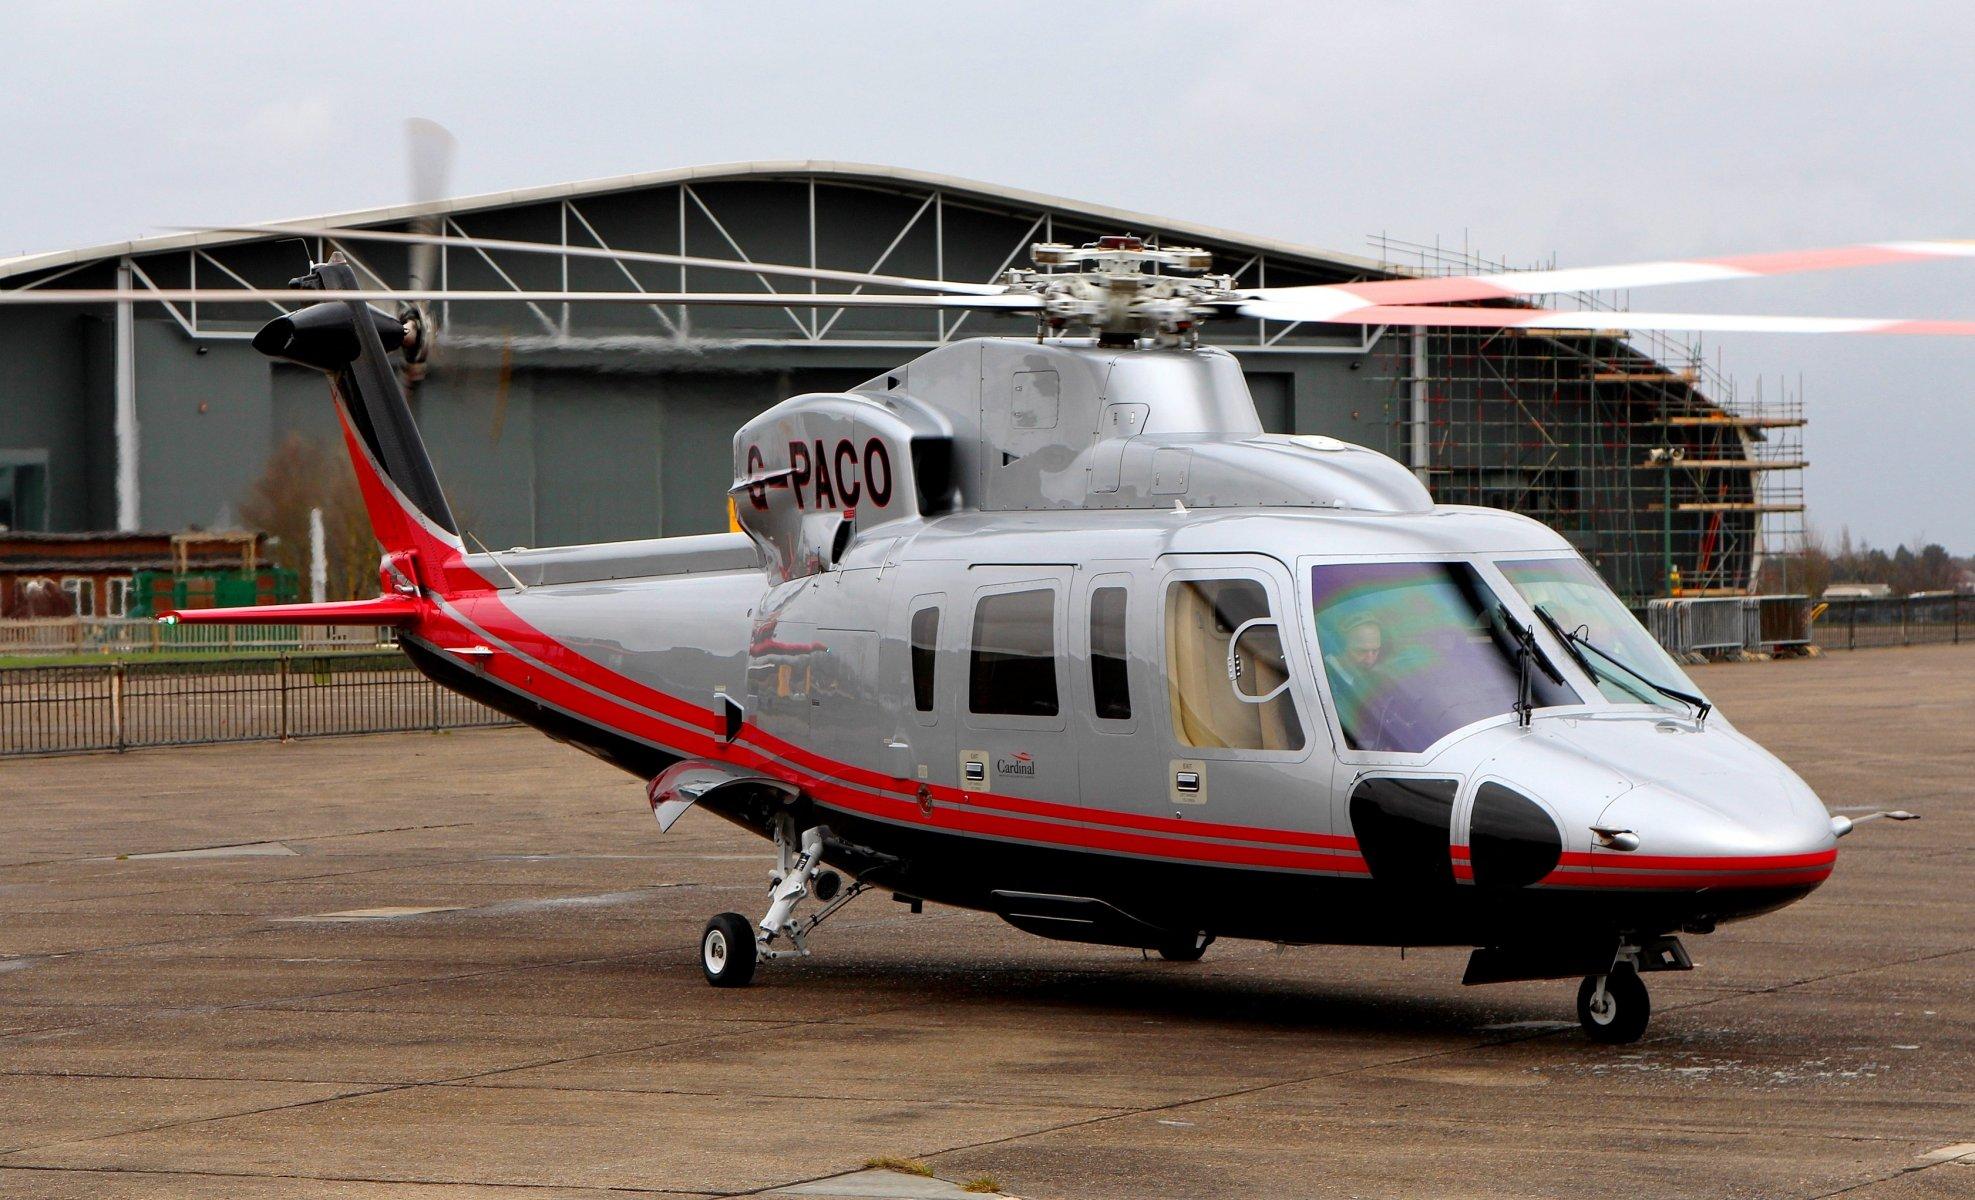 Обои sea dragon, Sikorsky mh-53e, «си дрэгон». Авиация foto 8